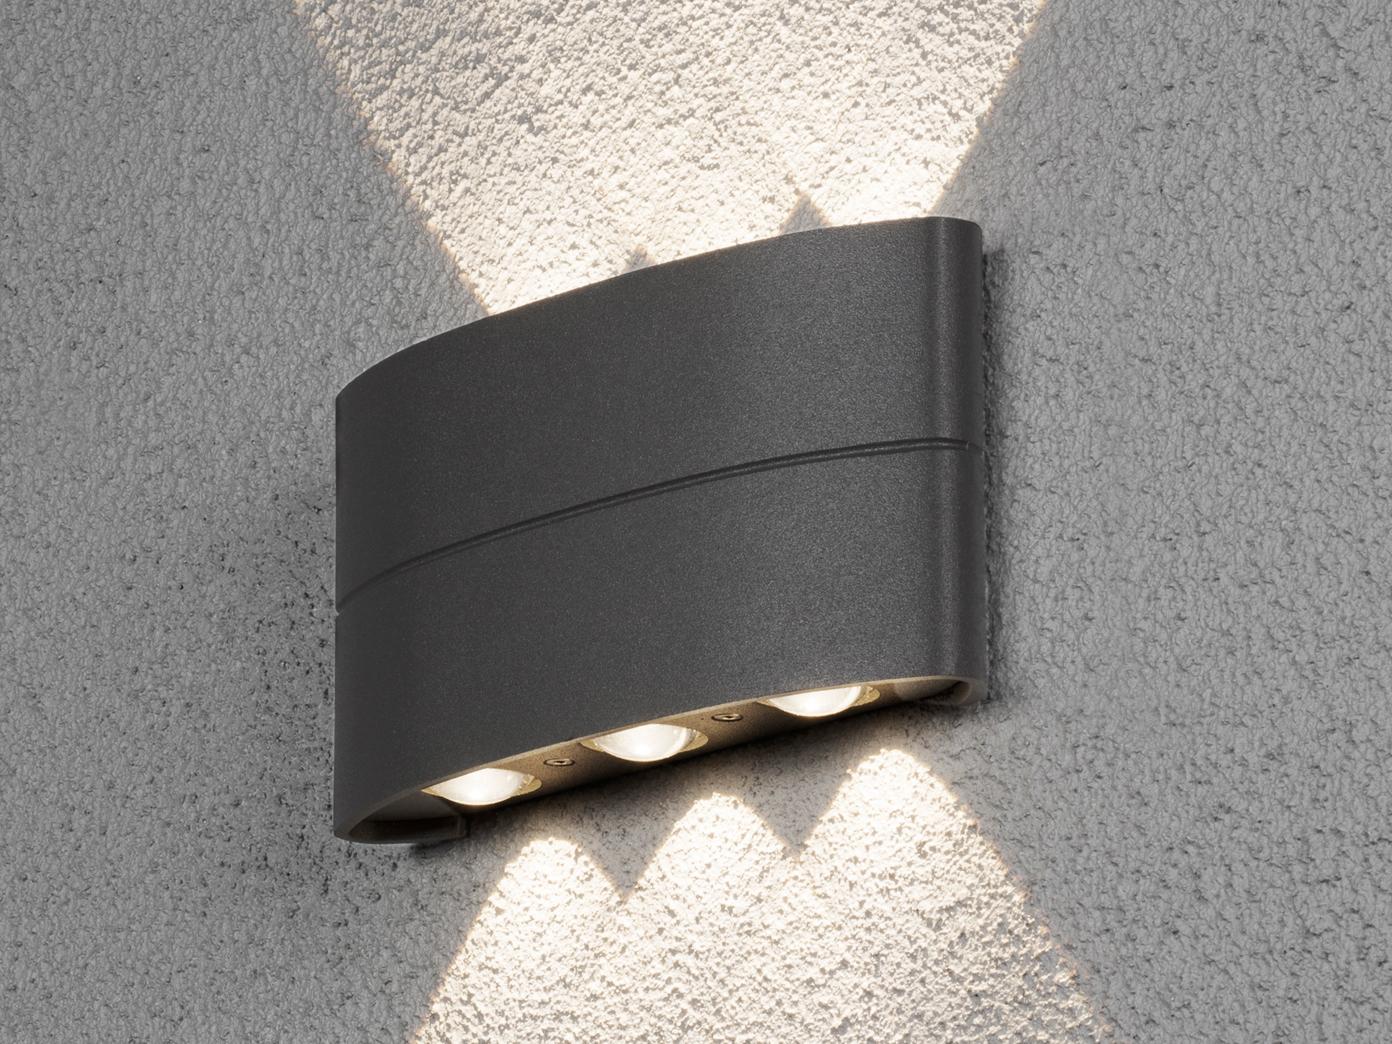 Beliebt Flache LED Außenleuchte Anthrazit Up & Down 6W IP54 YH84